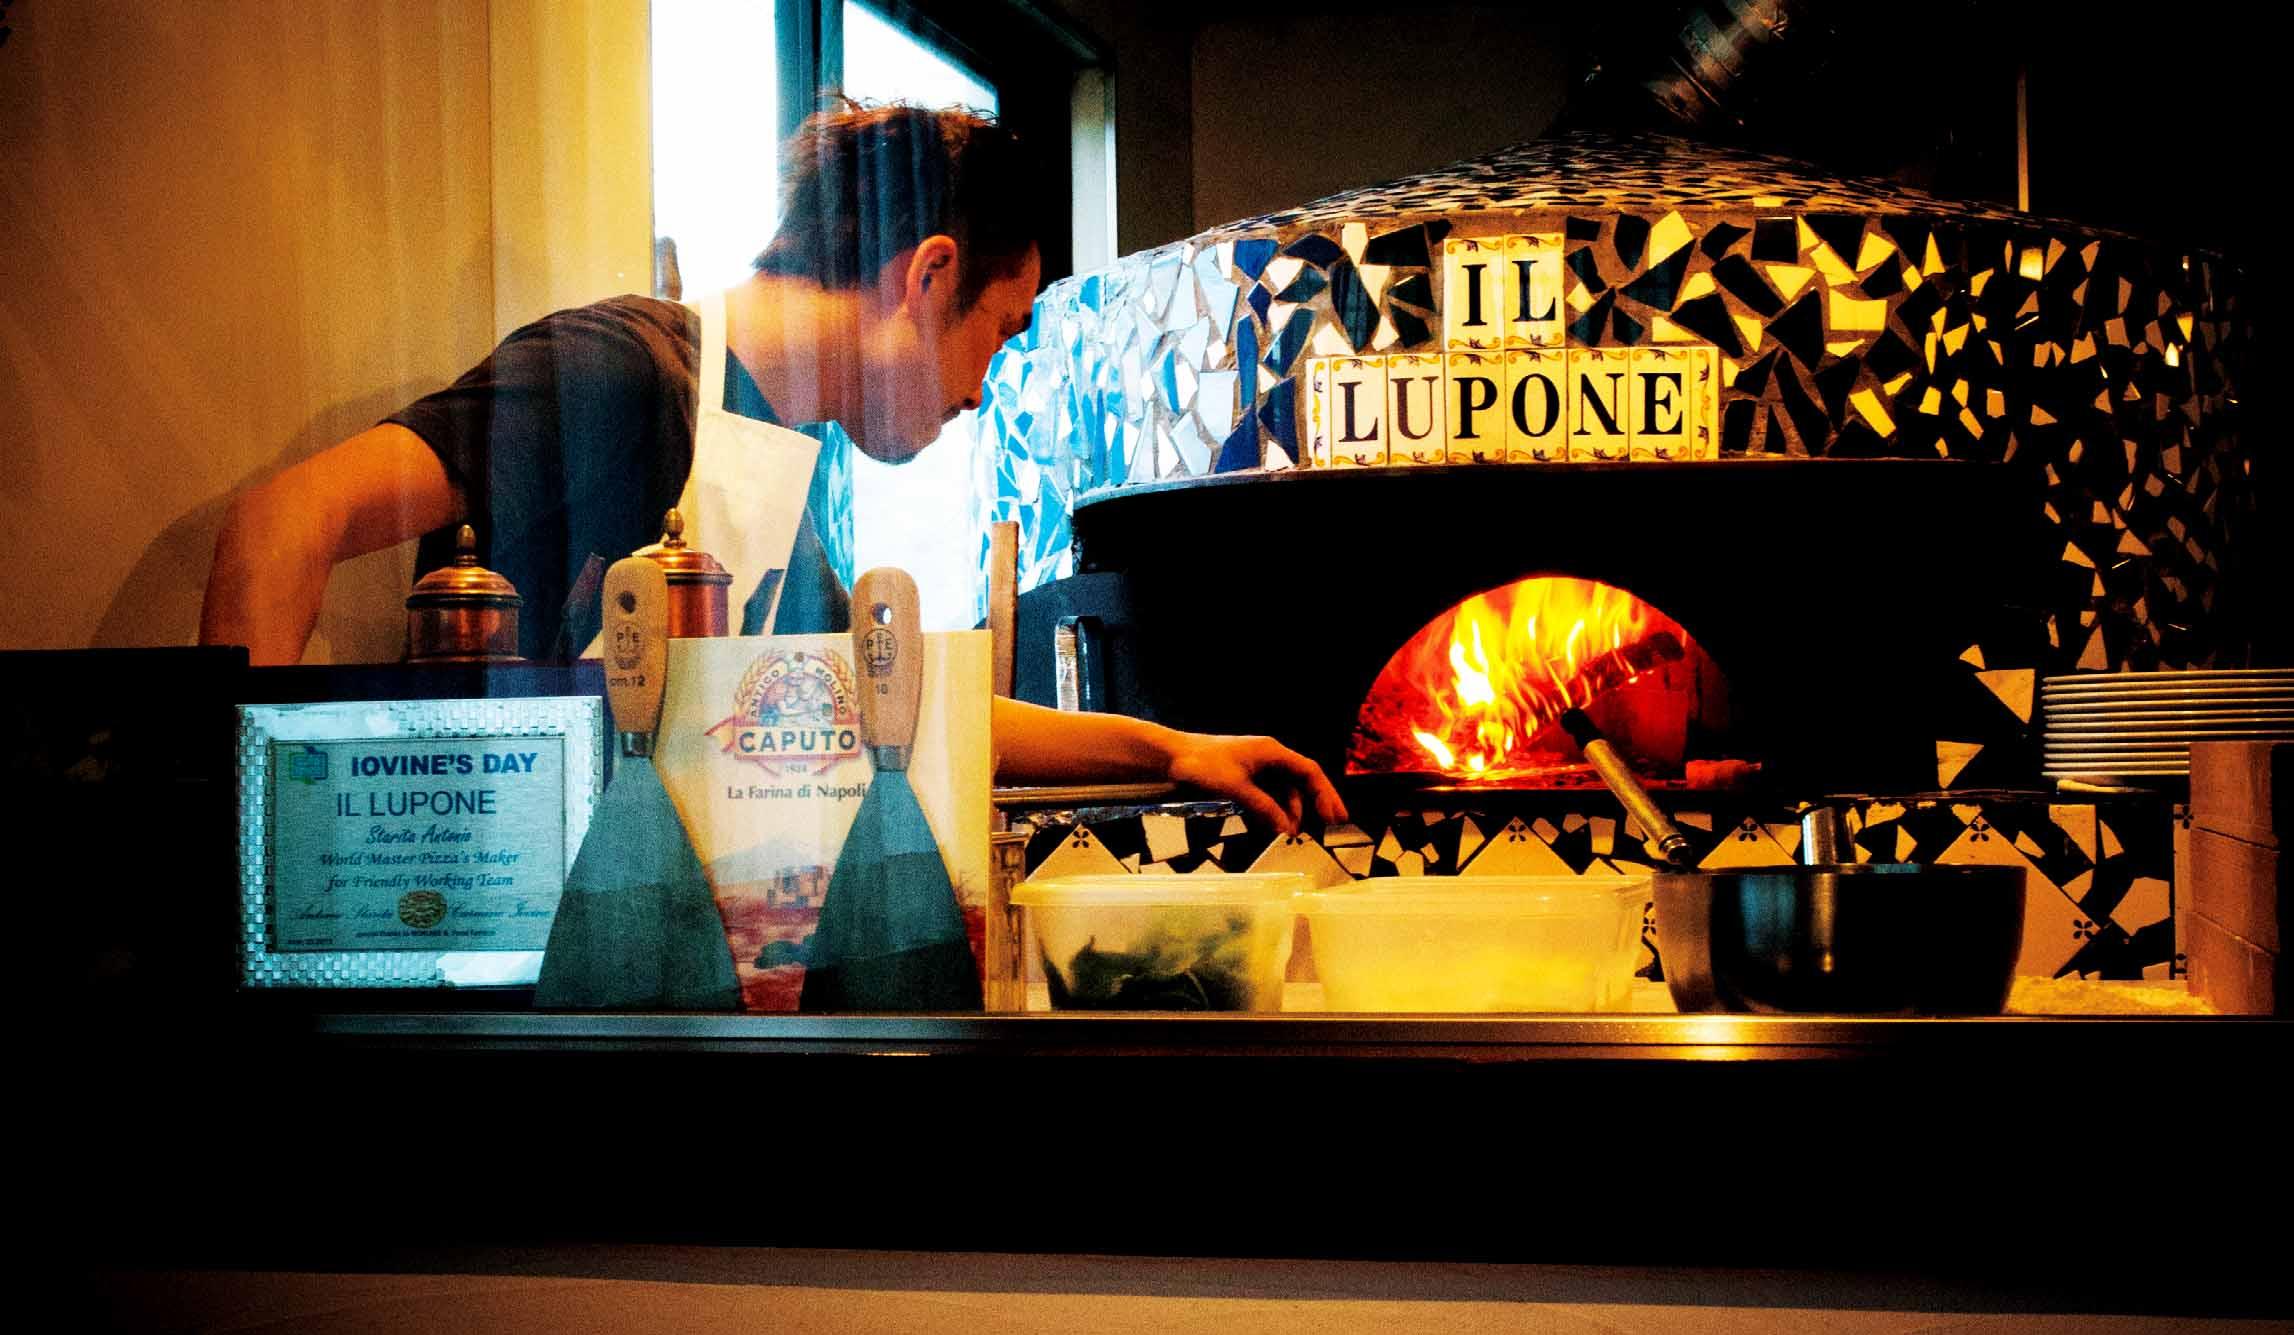 イル ルポー ネのピザ窯